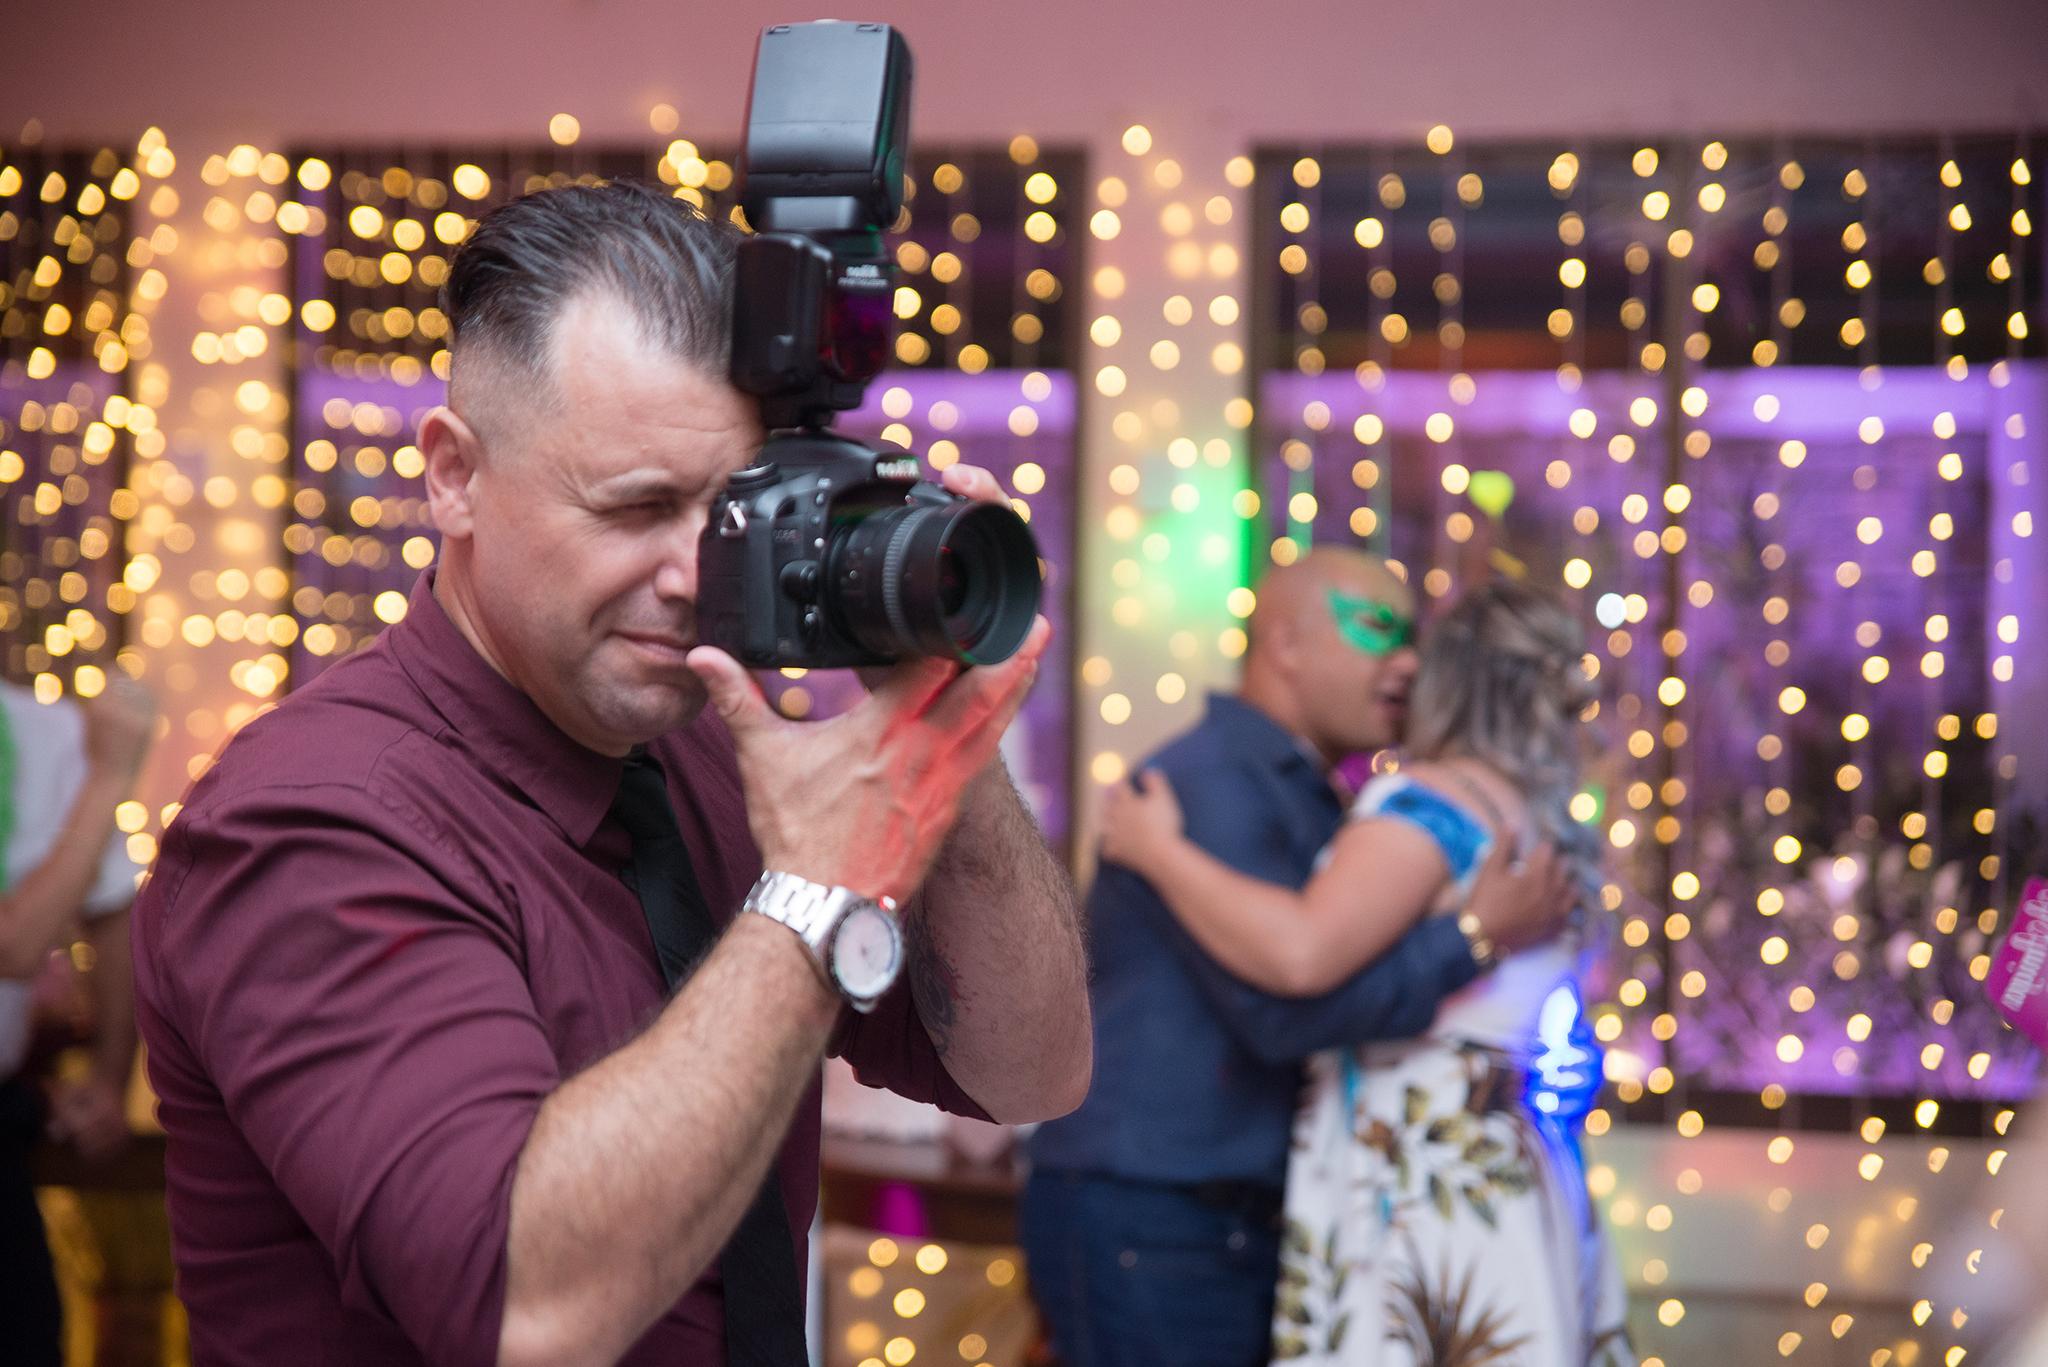 Sobre Marco Moscarelli Fotógrafo. Fotógrafo de casamentos,  formaturas, 15 anos e ensaios em Pelotas.